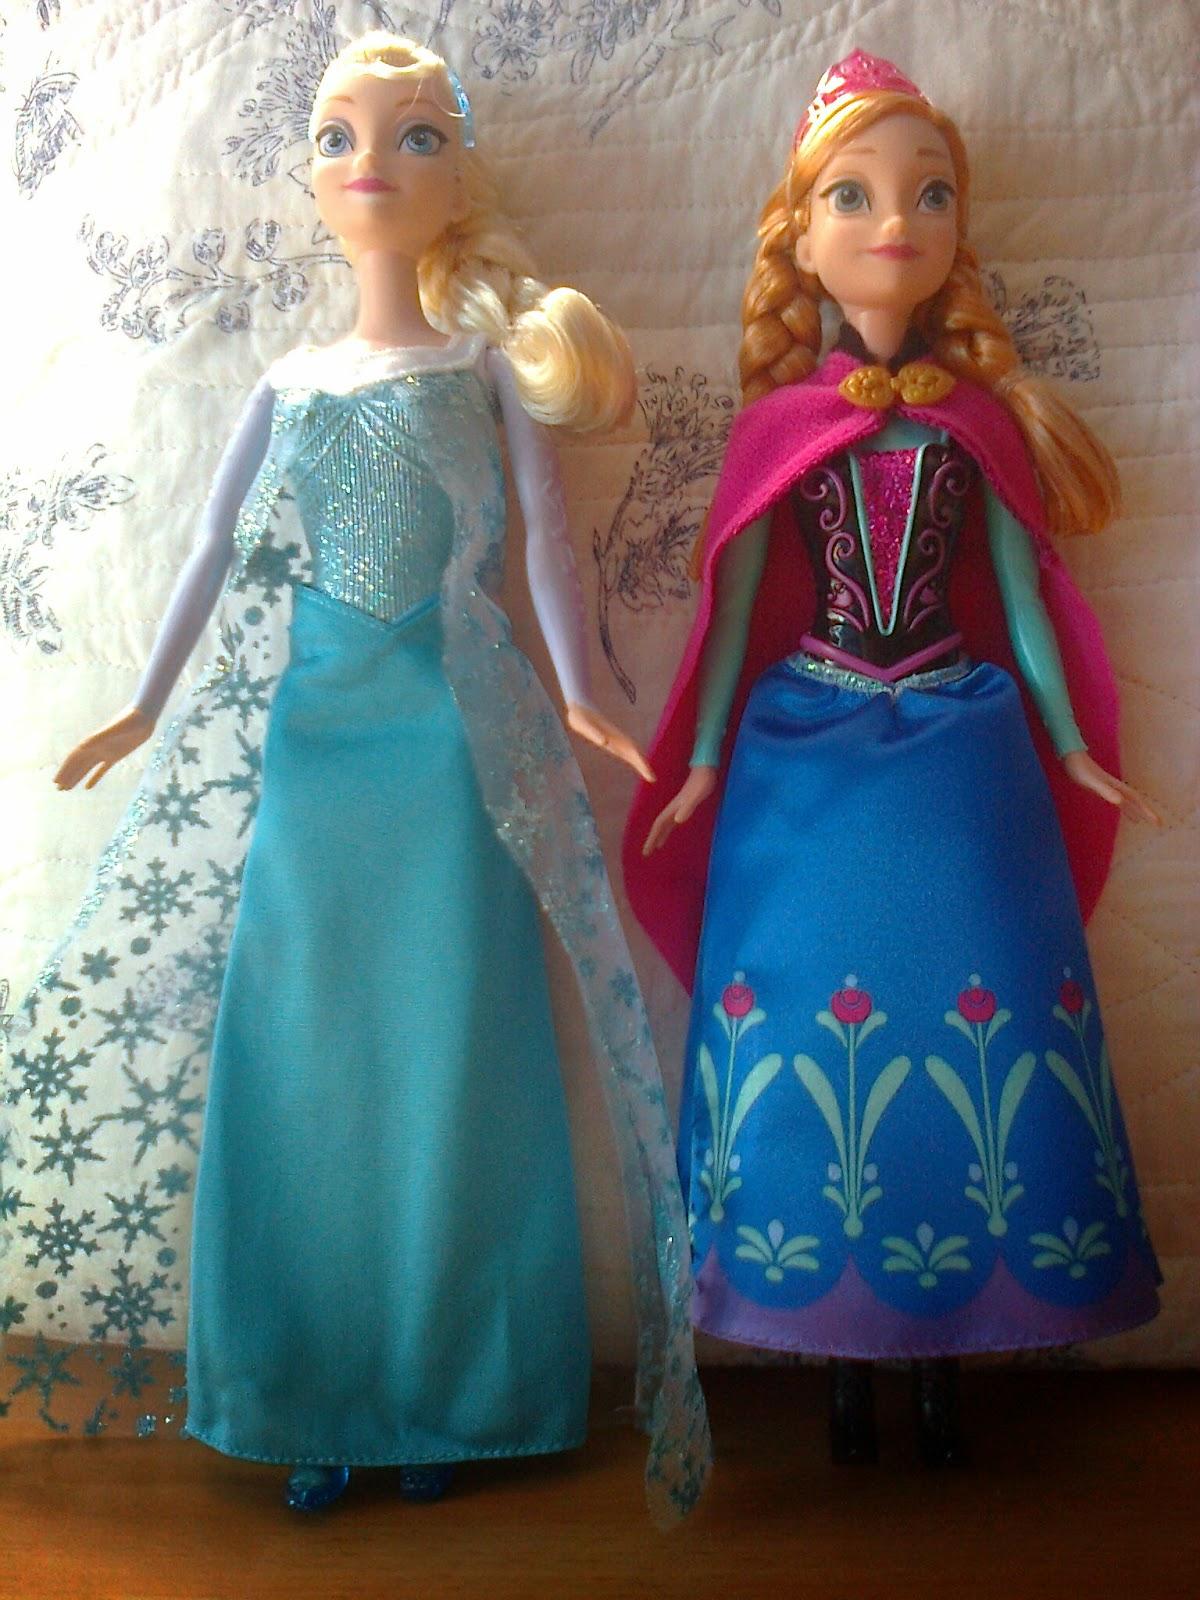 Conejita Fashion: las muñecas y los juguetes, las grandes aficiones ...